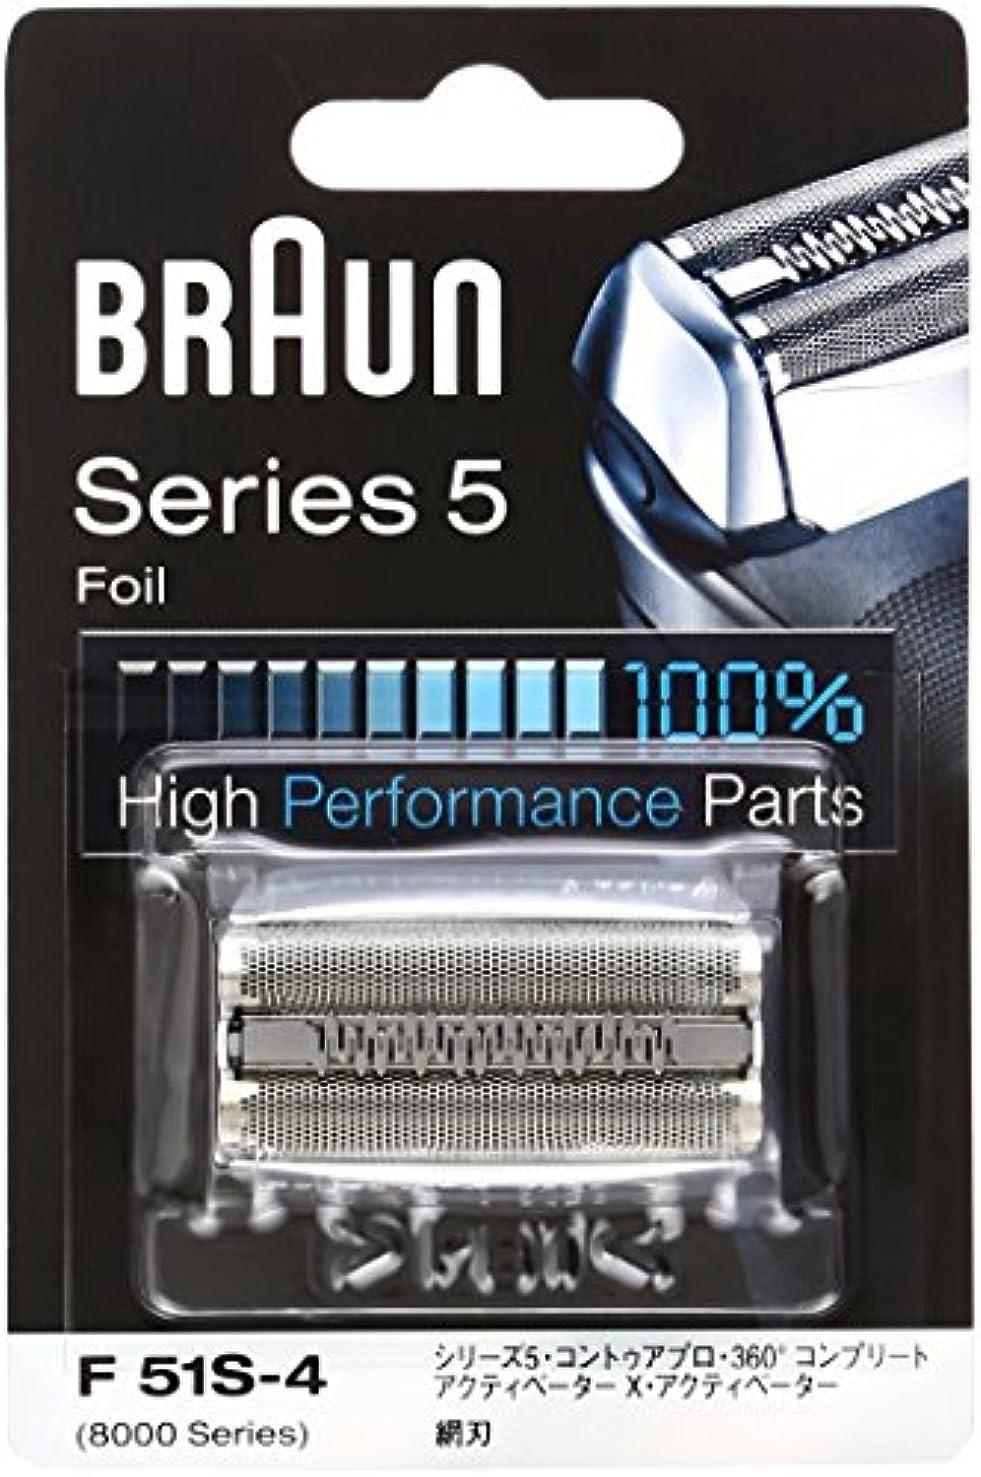 エンジンメイエラキャロライン【正規品】 ブラウン シリーズ5 / 8000シリーズ対応 網刃 F51S-4